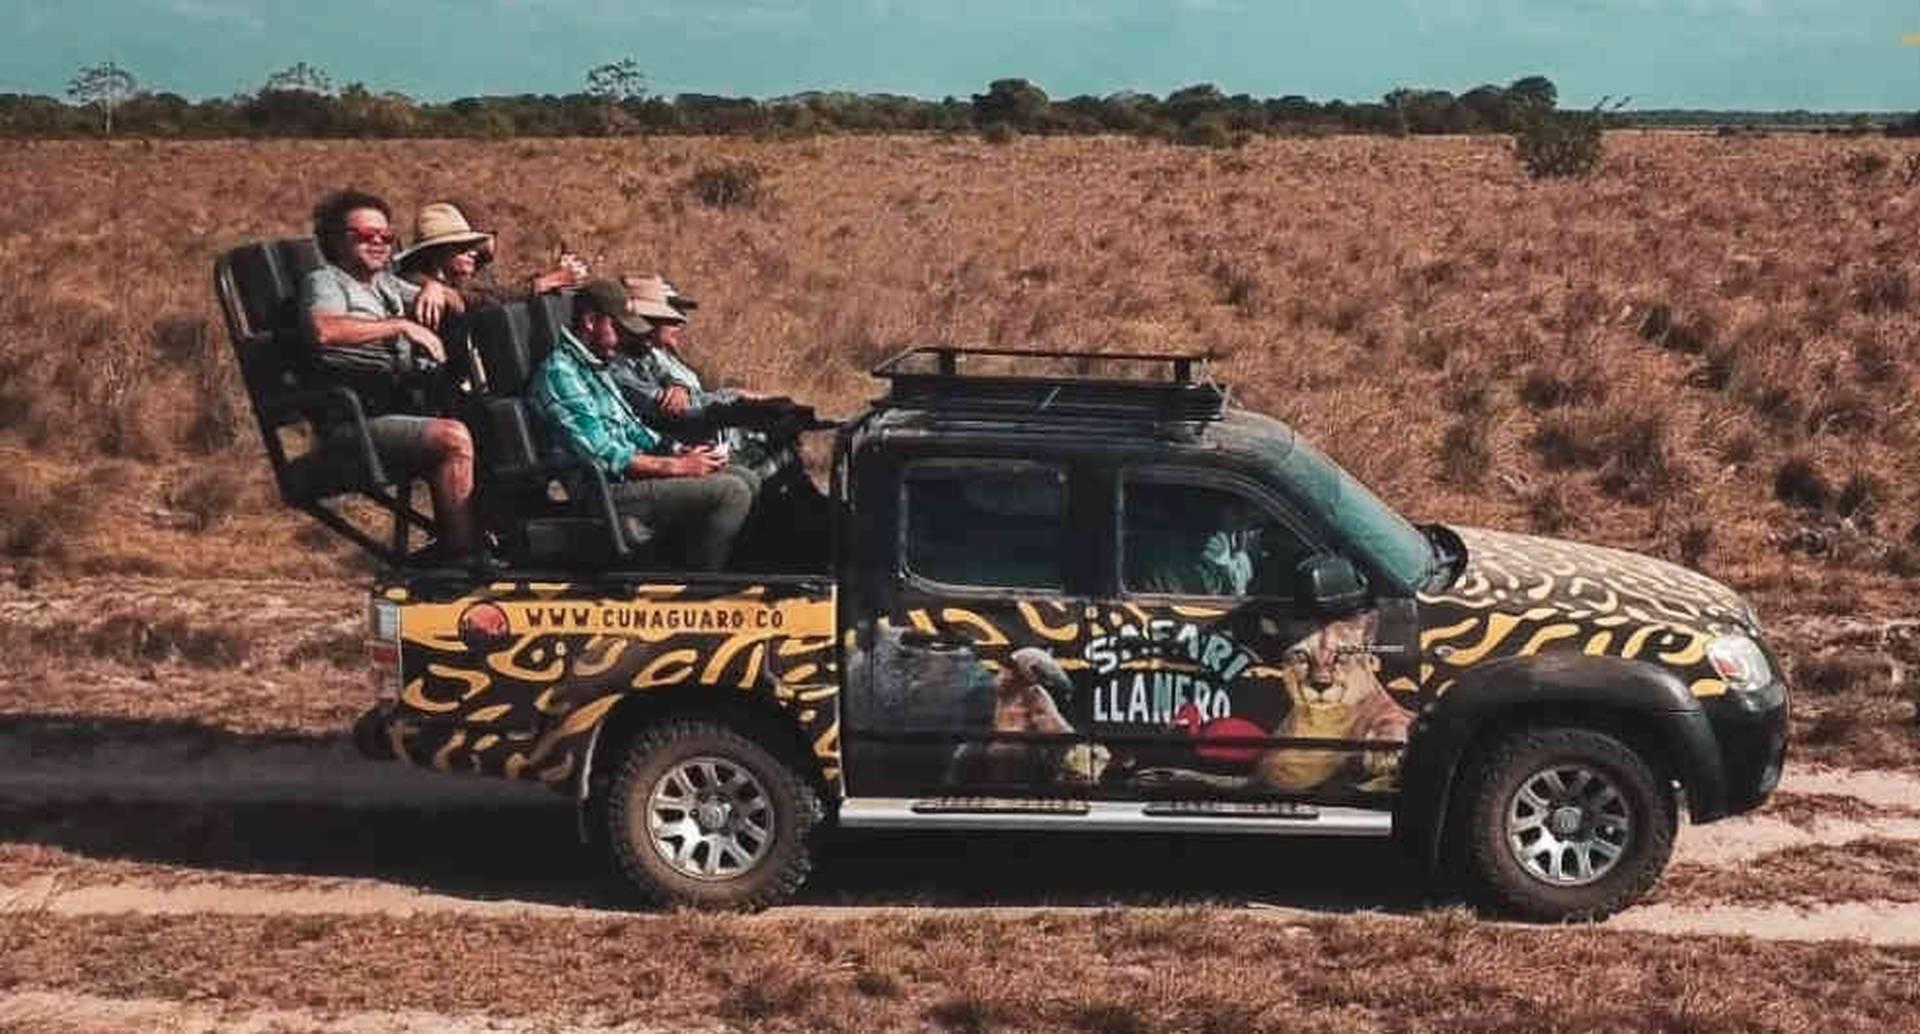 Entre las estrategias que se usan está el desarrollo de rutas bioseguras, además que colombiano viaje en su propio vehículo y evite el contacto con más personas hasta llegar al hato donde se haga el safari.